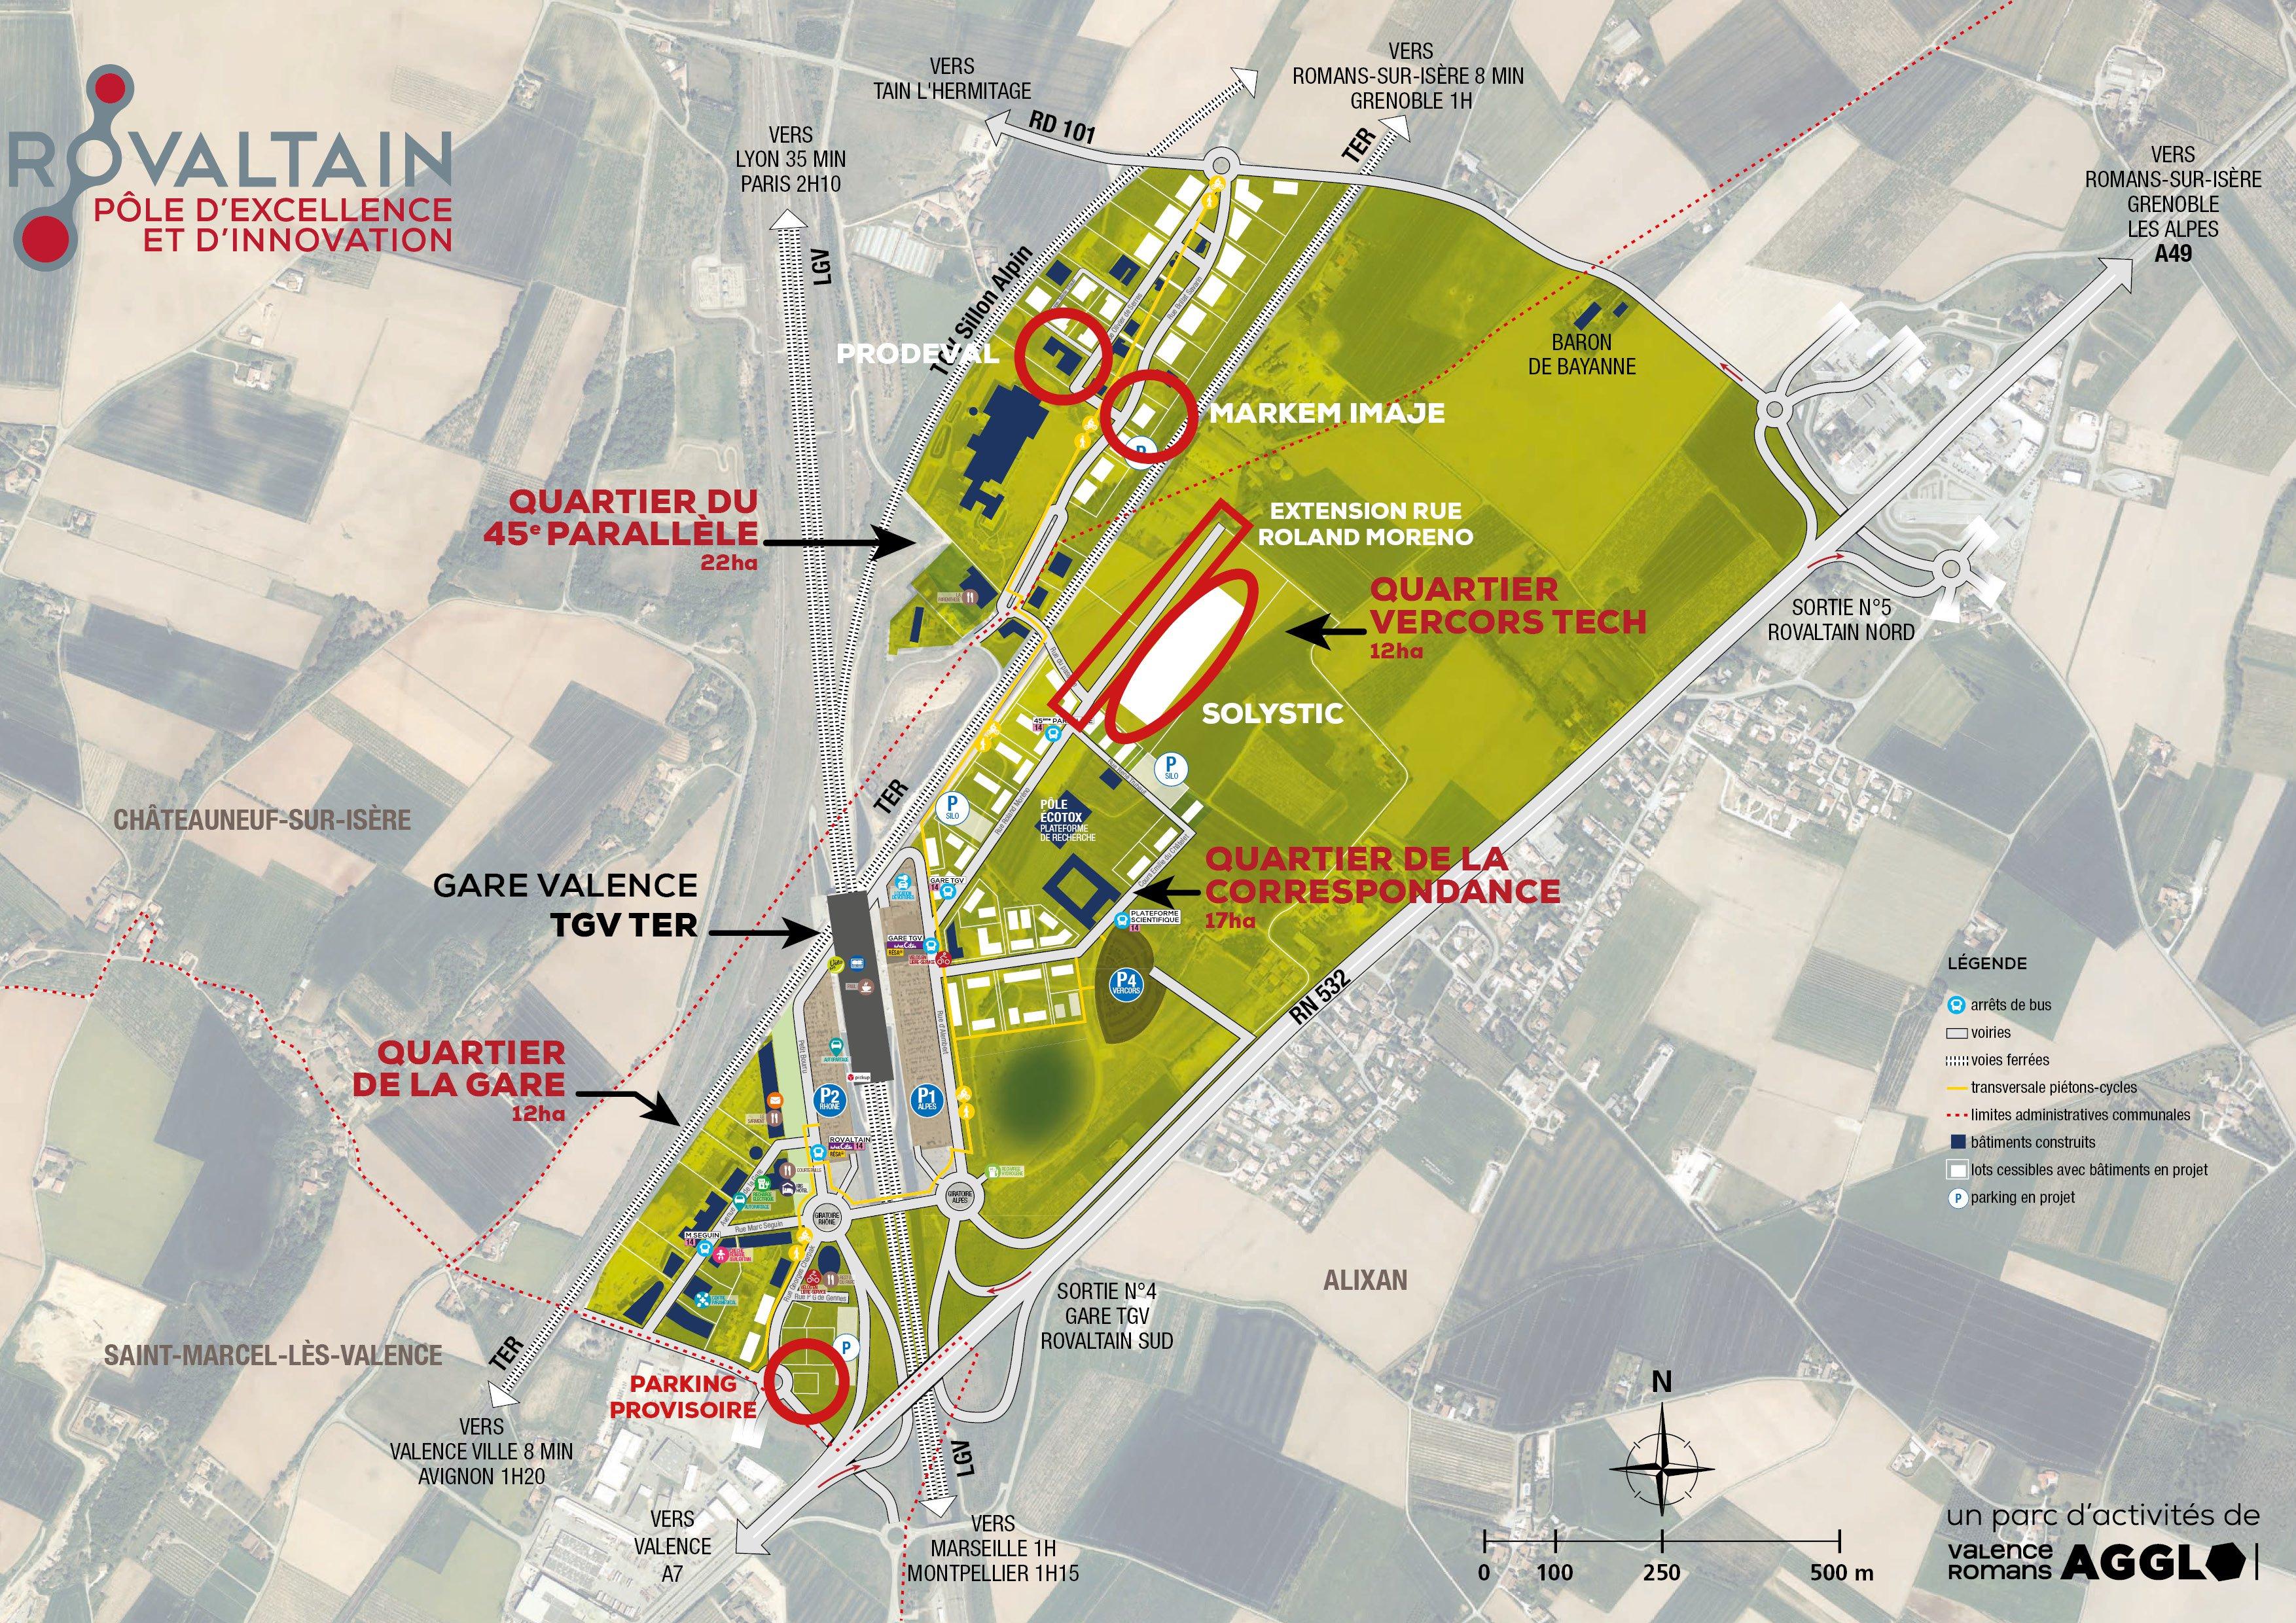 Plan des constructions en cours sle parc d'activités